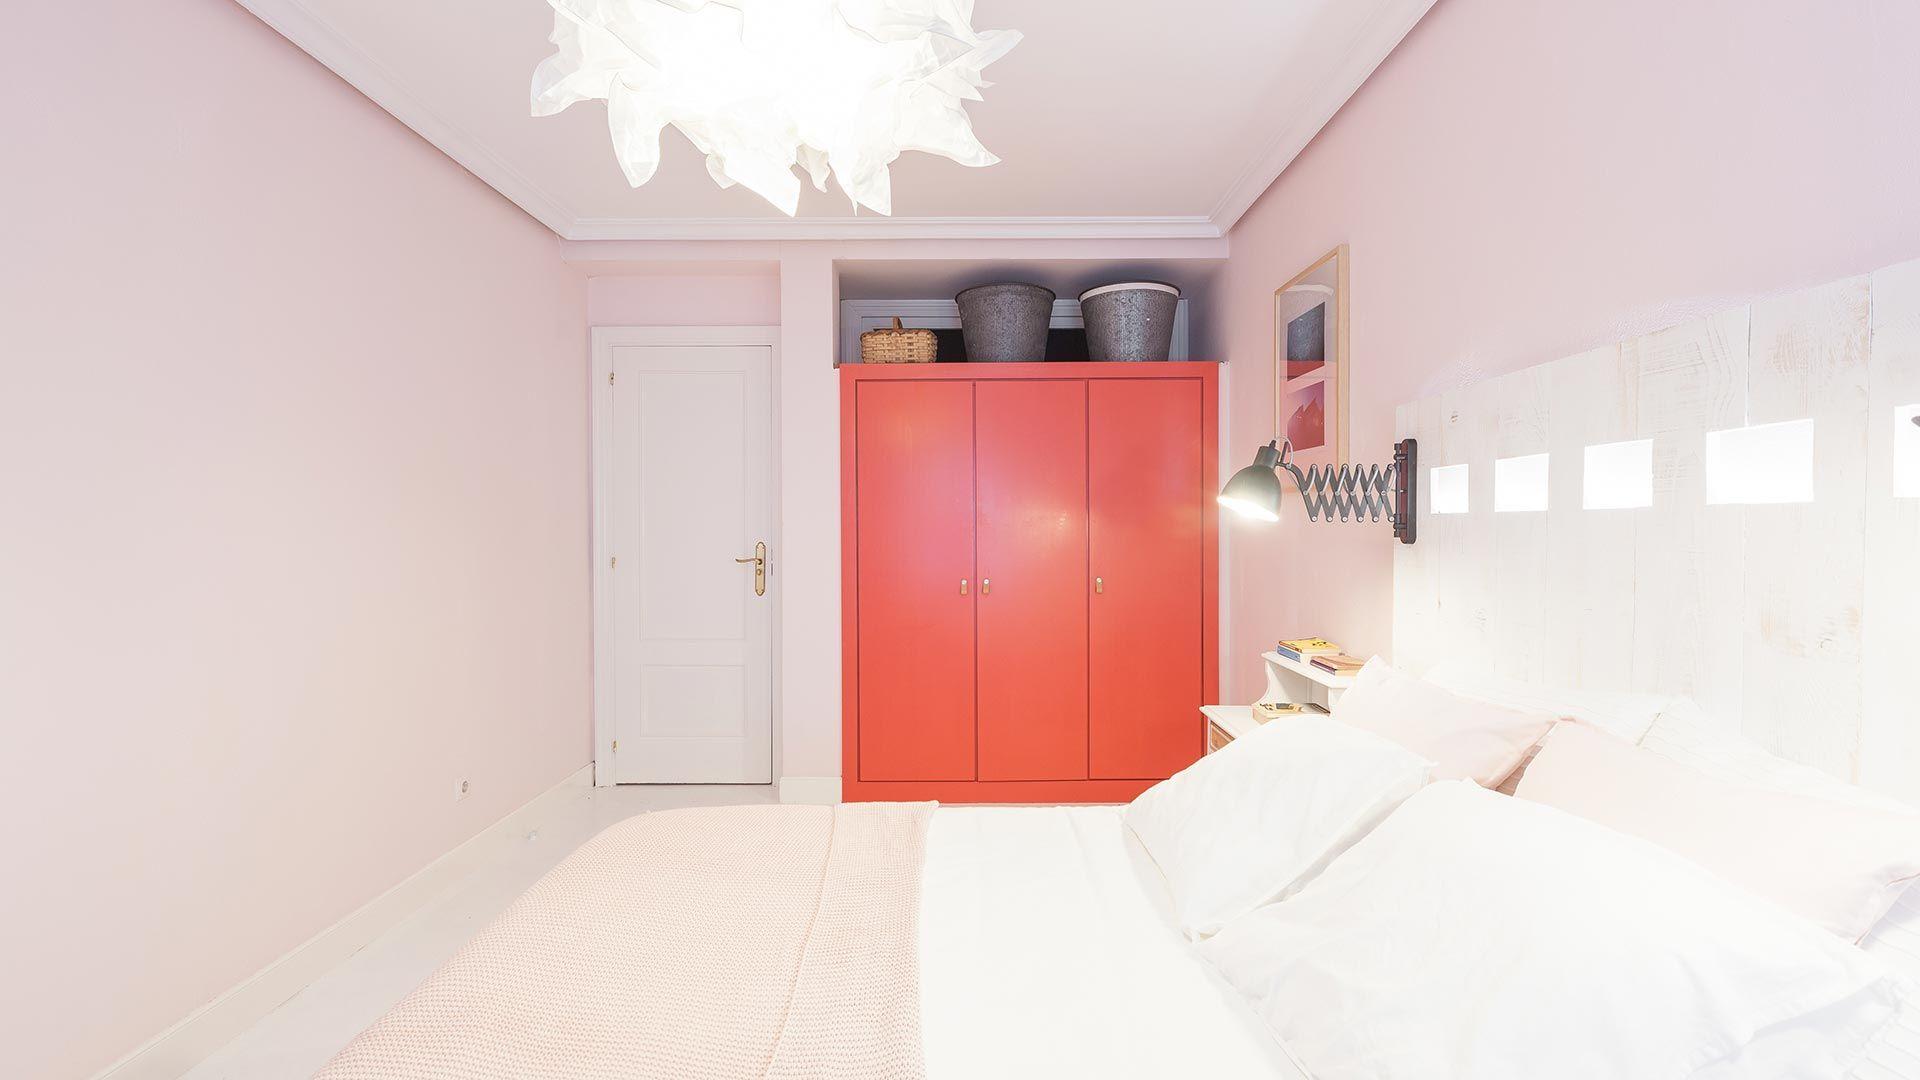 Pintar un armario empotrado de rojo para un toque personalizado